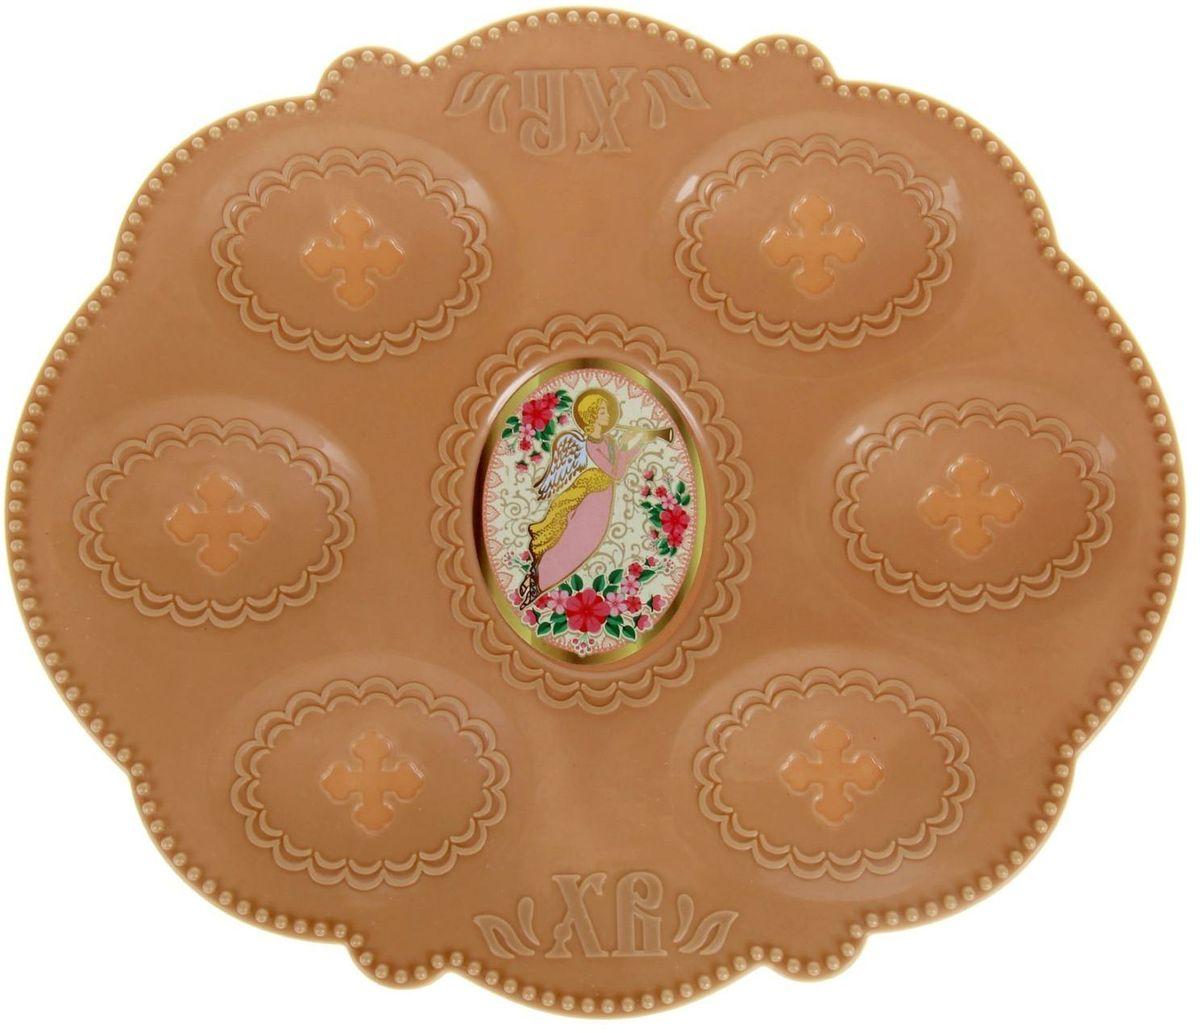 Подставка пасхальная Ангел, для 6 яиц, 21 х 18 см. 1002599115510Пасхальная подставка для 6 яиц изготовлена из качественного пластика, в центре имеется яркая вставка. Аксессуар станет достойным украшением праздничного стола, создаст радостное настроение и наполнит пространство вашего дома благостной энергией на весь год вперёд.Подставка будет ценным памятным подарком для родных, друзей и коллег.Радости, добра и света вам и вашим близким!